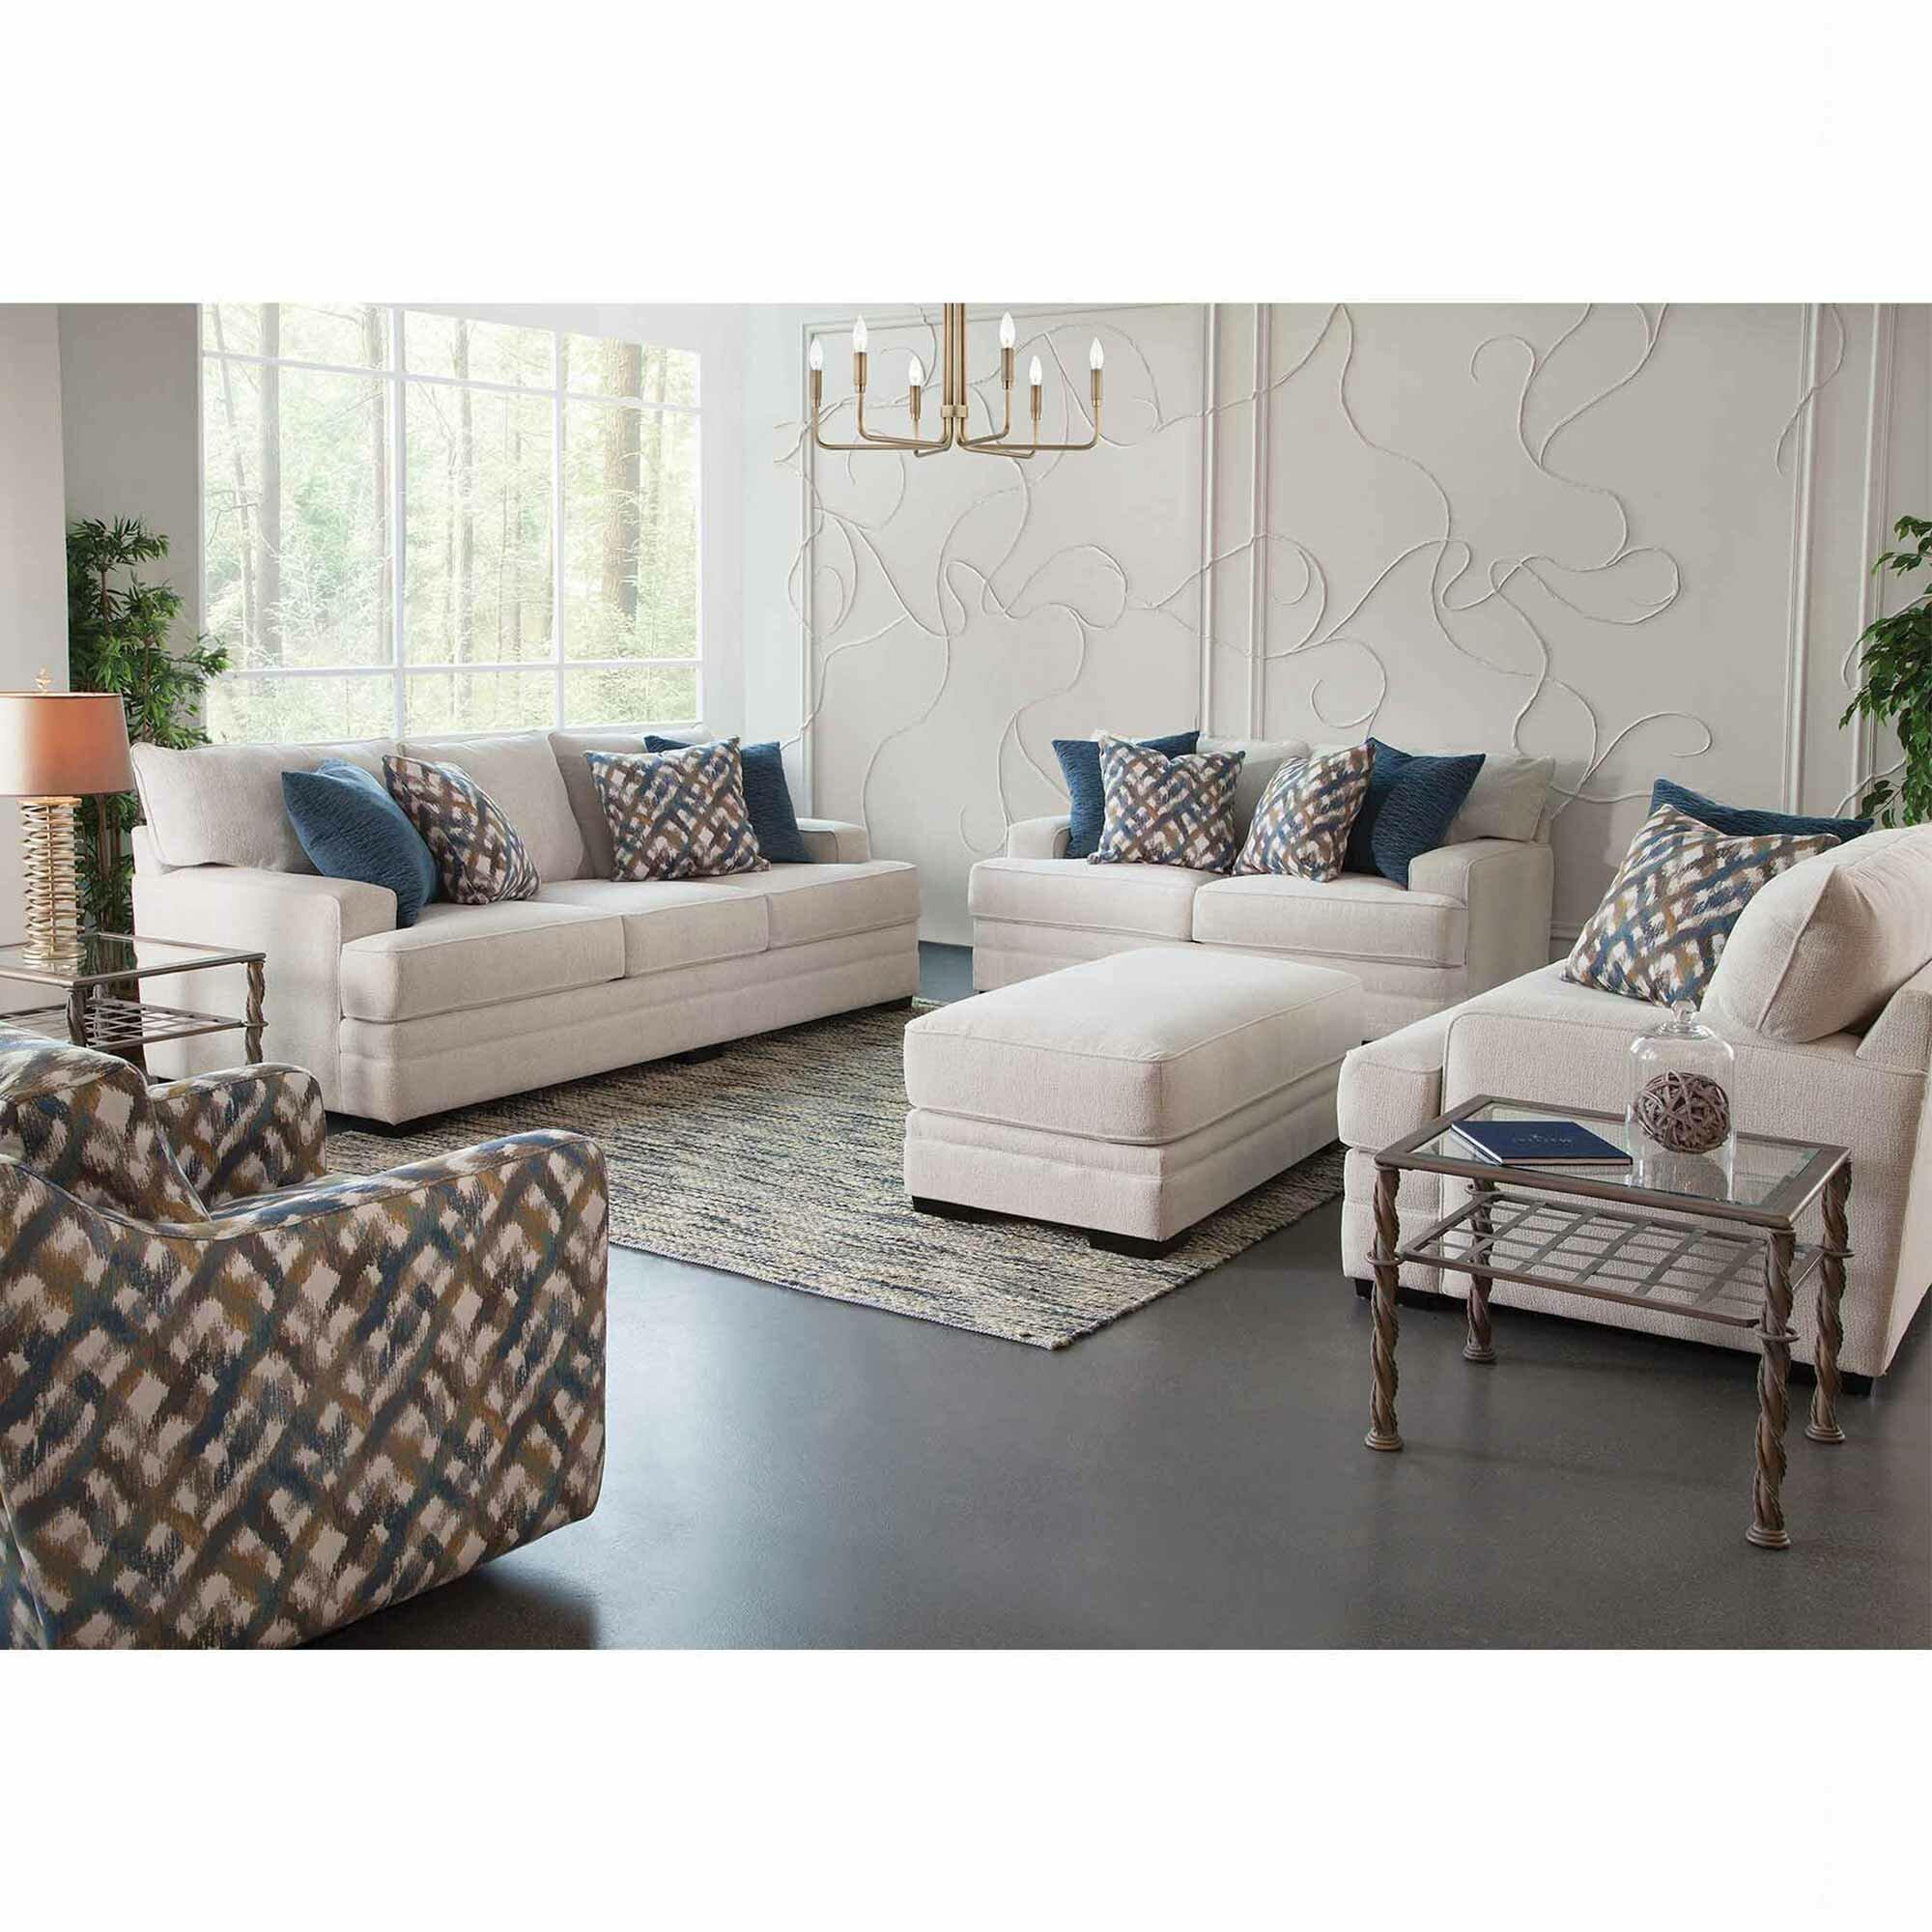 Delp Configurable Living Room Set Reviews Birch Lane